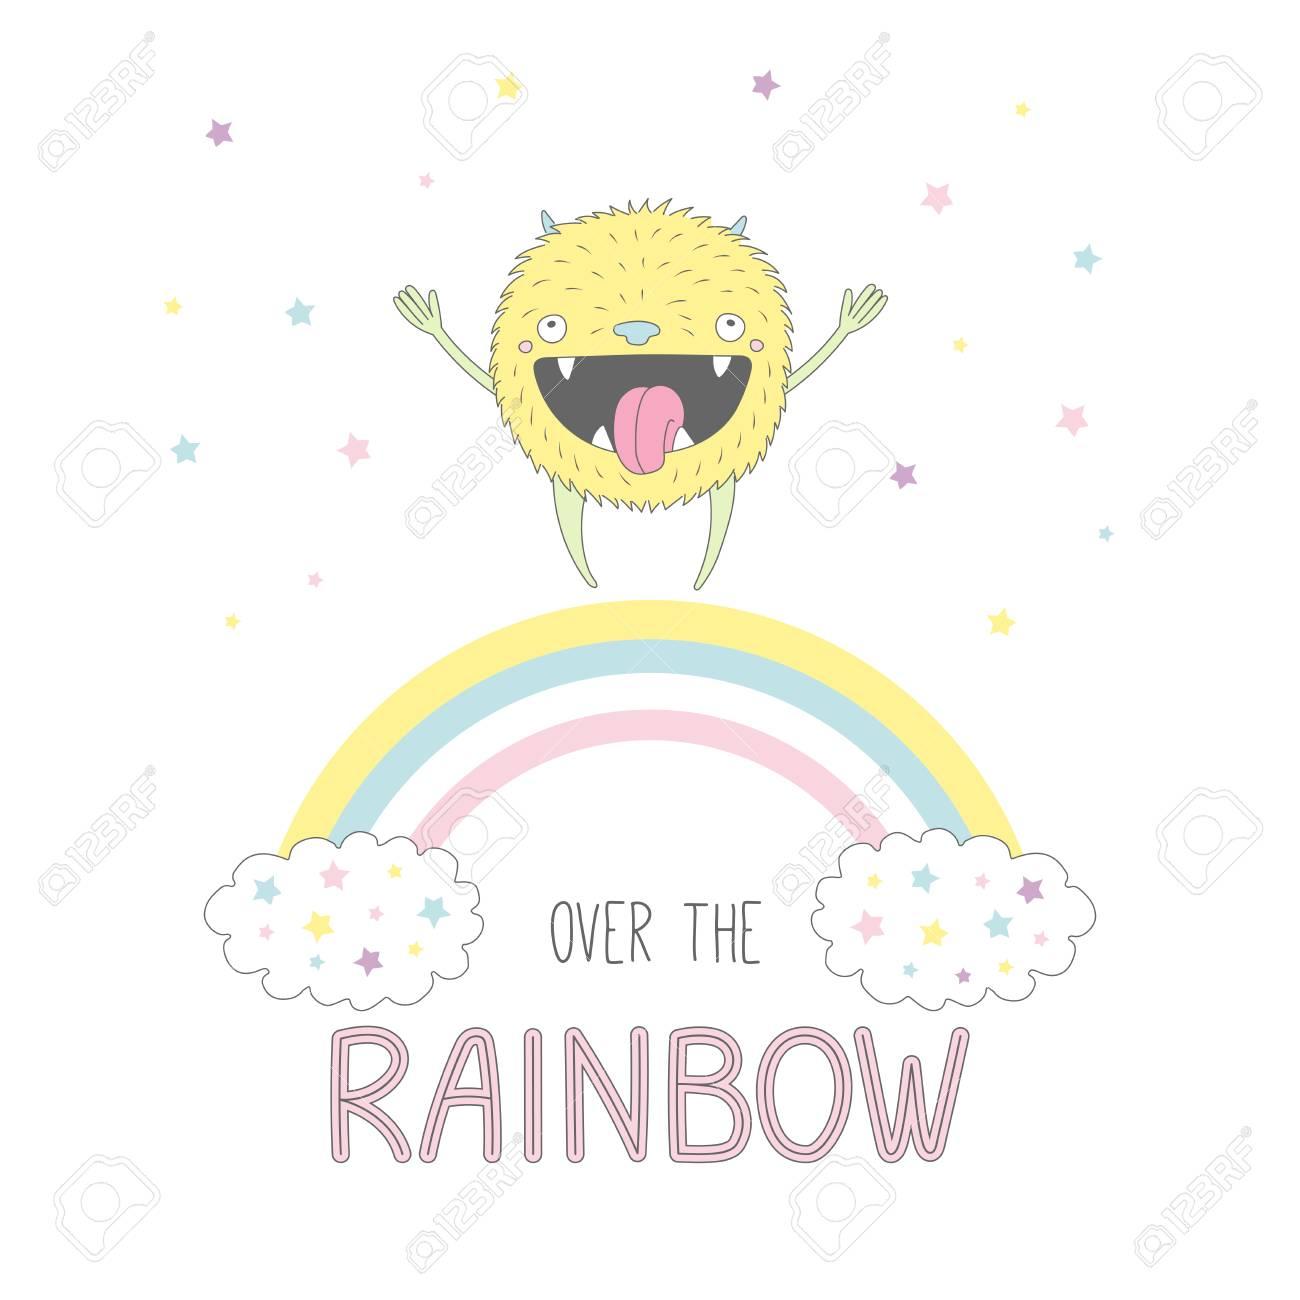 かわいい小さな面白い笑顔モンスター、虹、本文にジャンプのベクトル